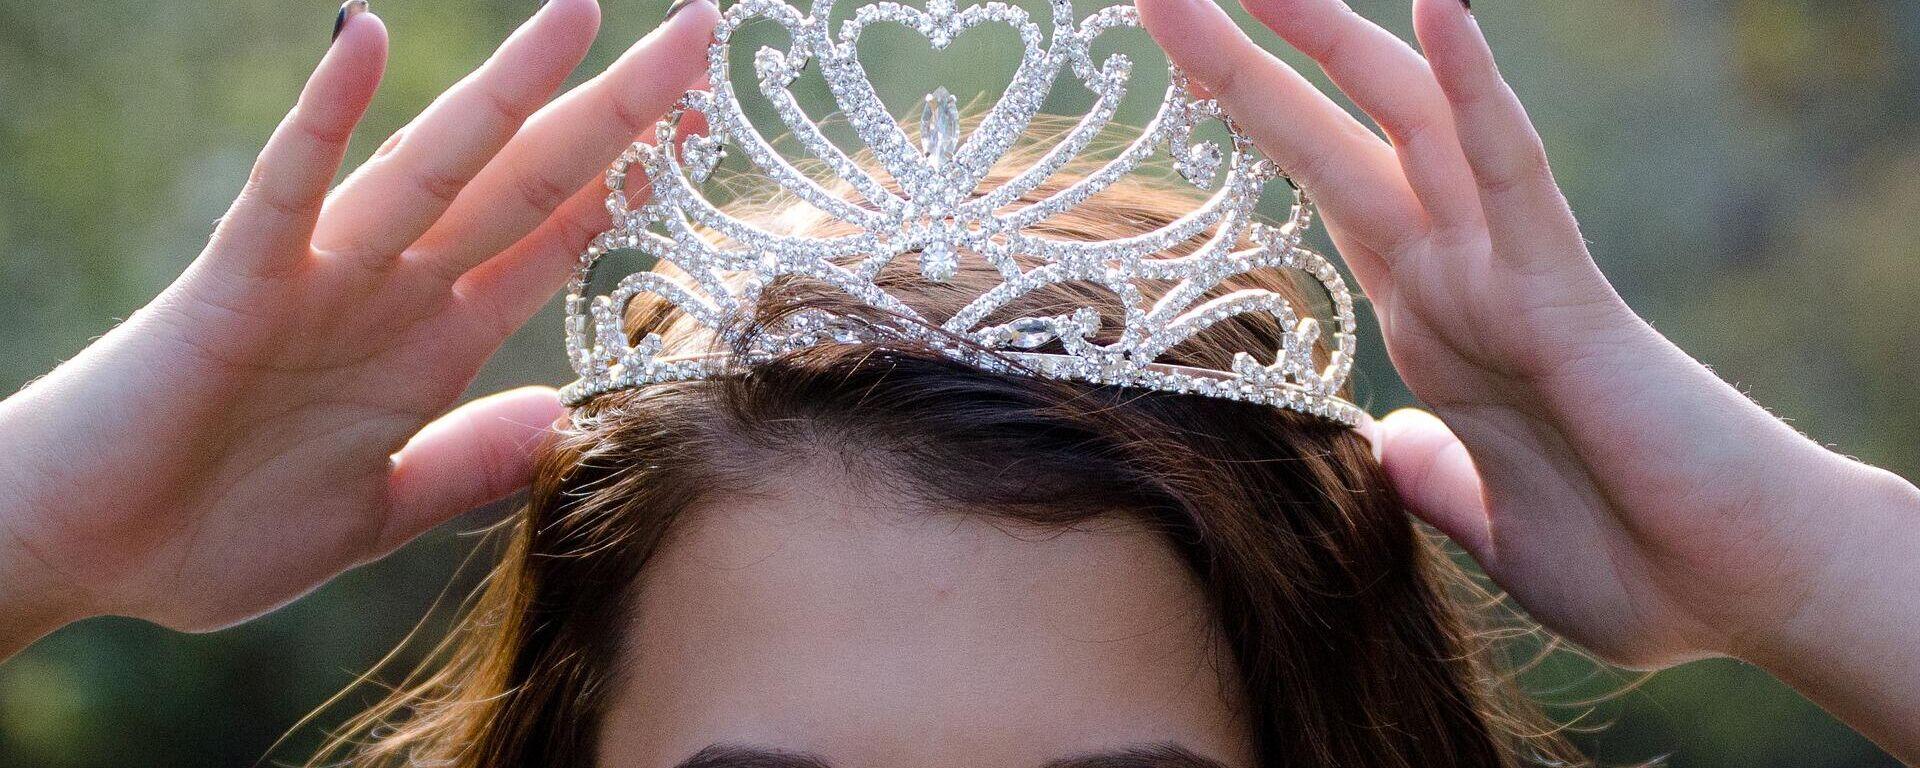 Corona de reina de belleza - Sputnik Mundo, 1920, 25.02.2021